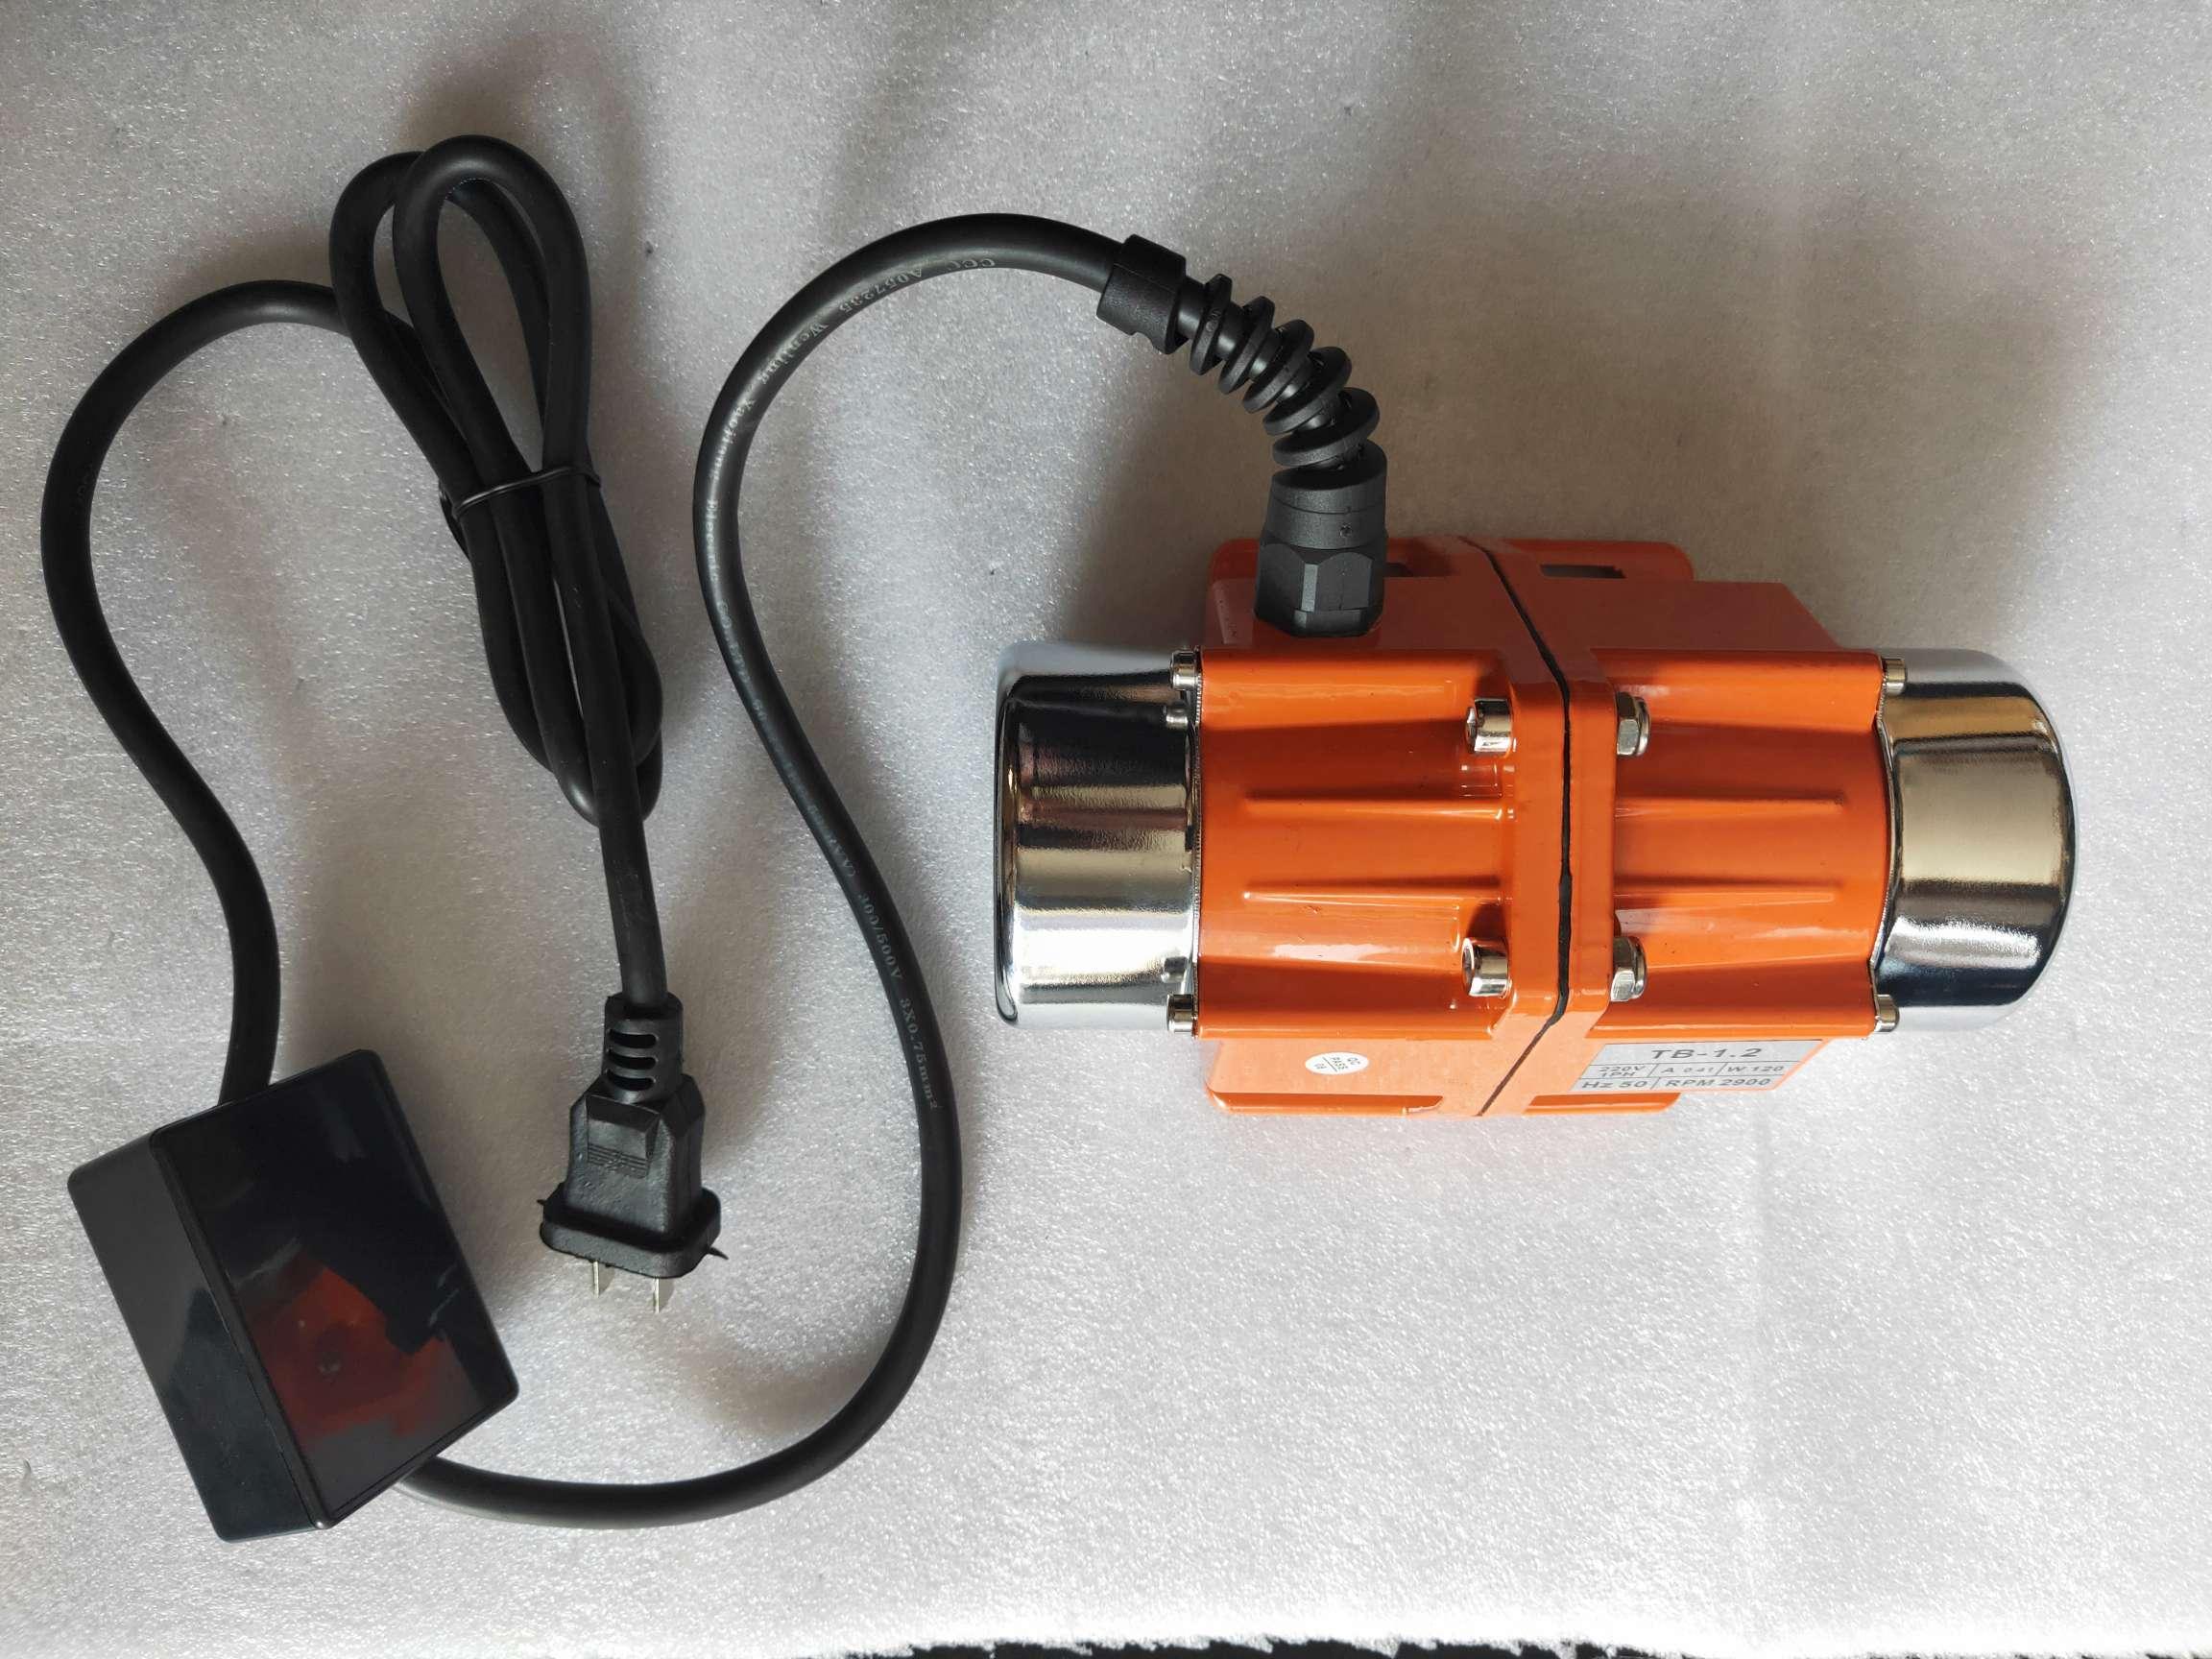 微型单箱振动电机振动马达振动器